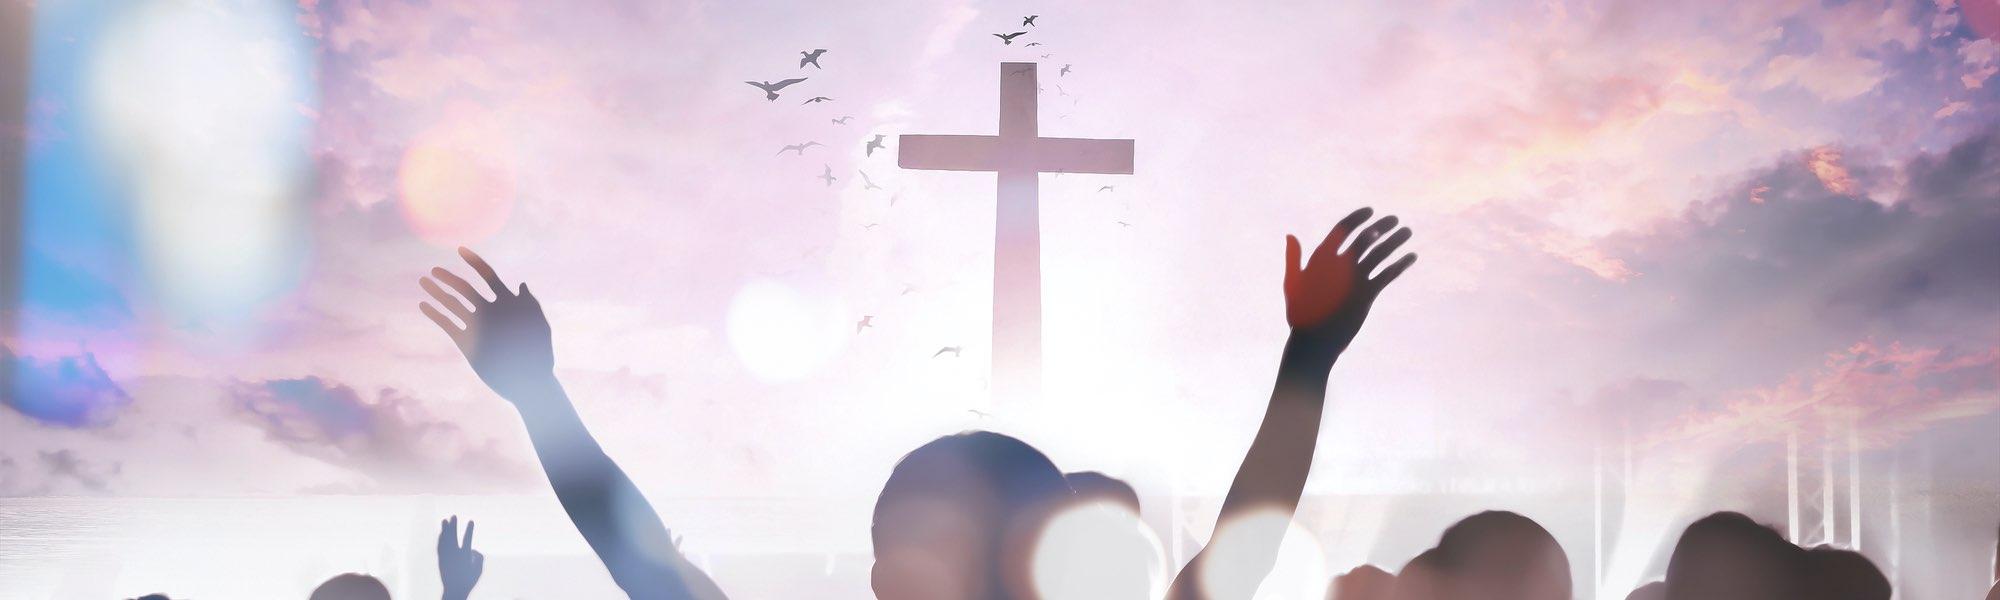 jesus-saves-2